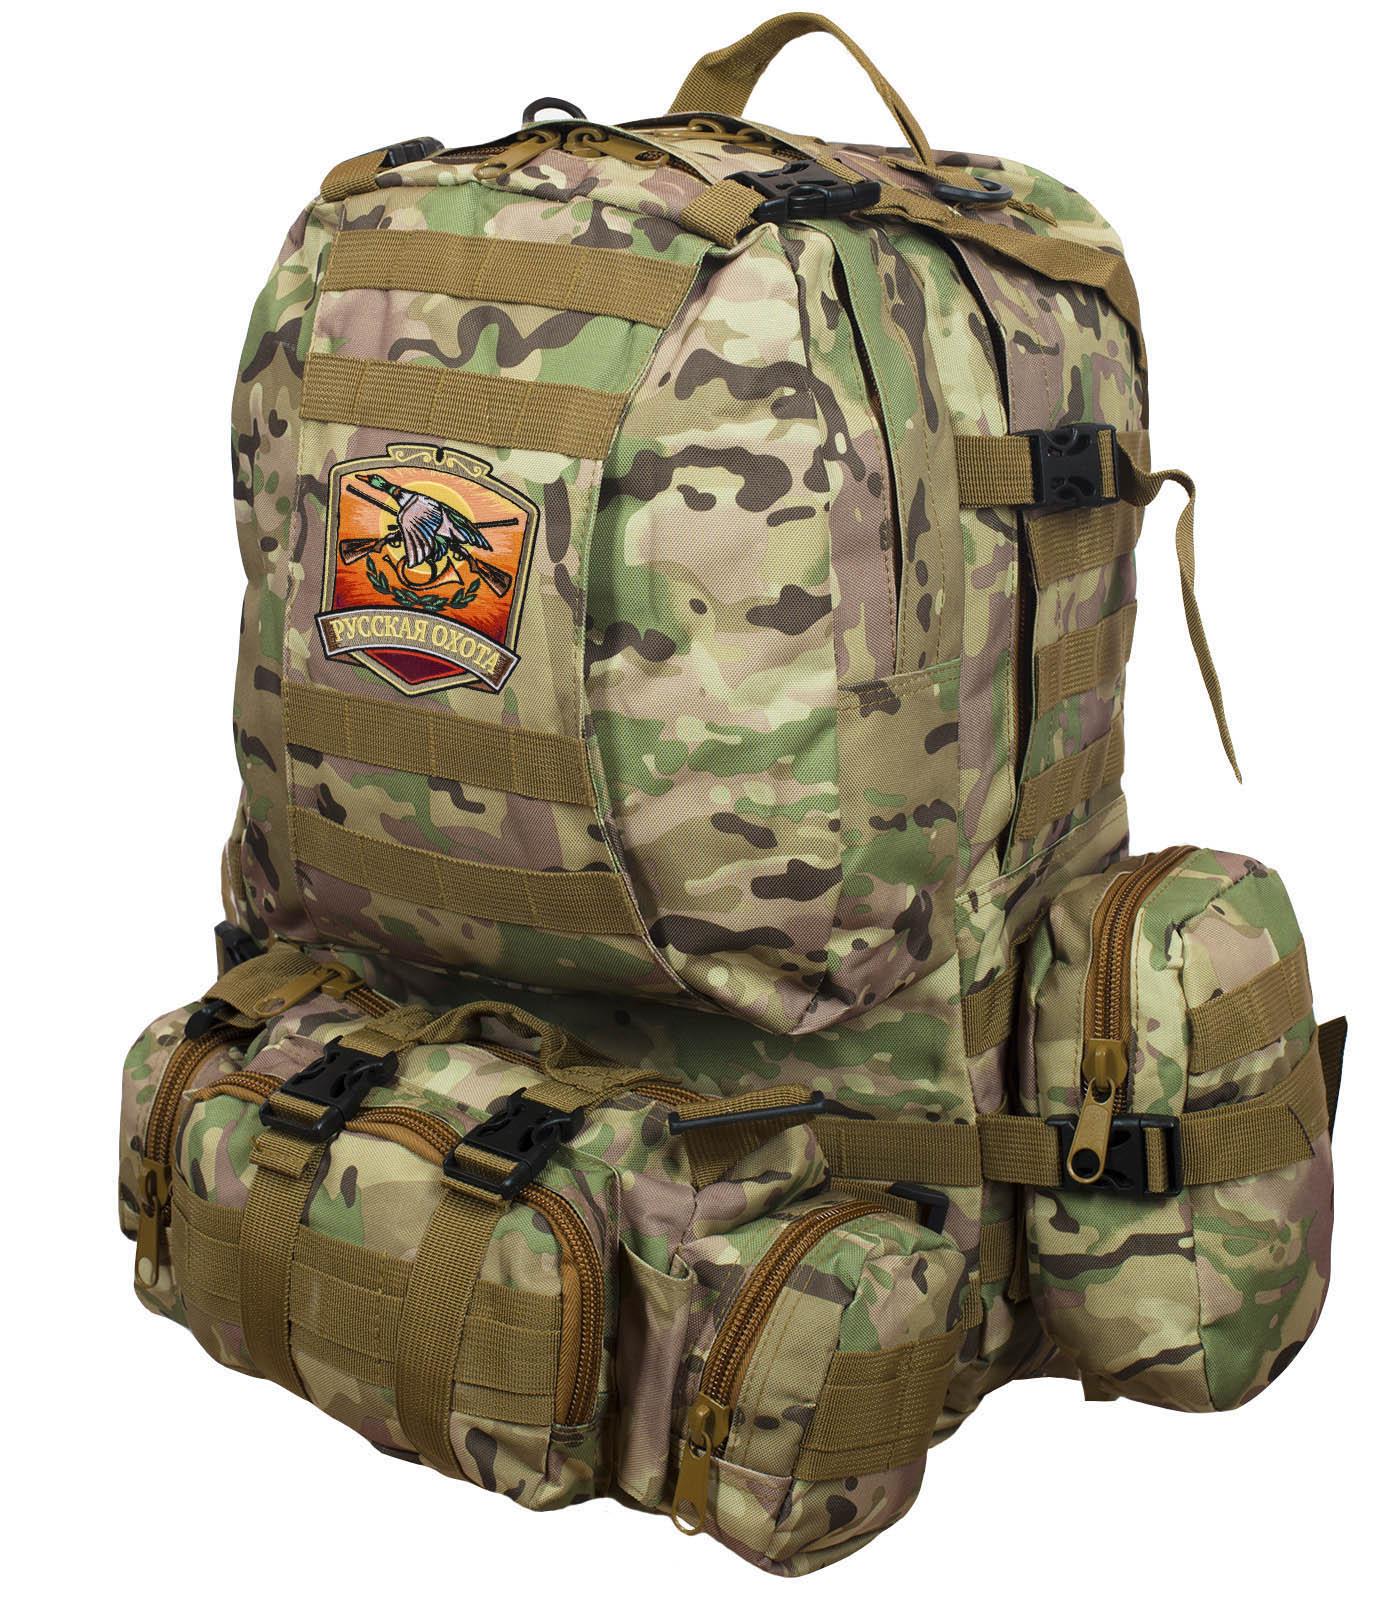 Функциональный охотничий рюкзак Русская Охота от ТМ US Assault - купить в Военпро